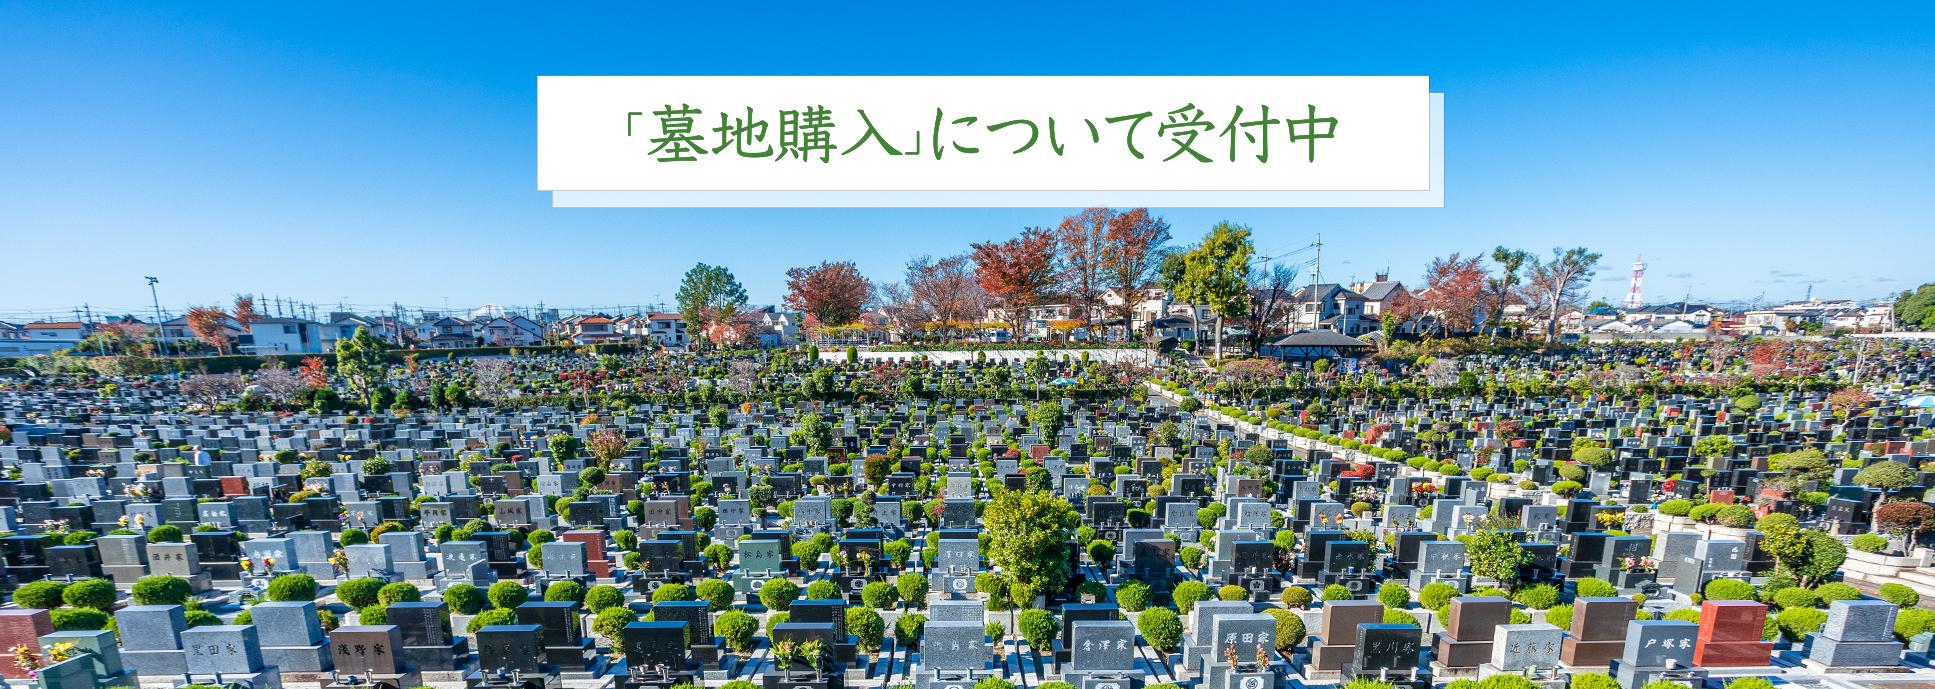 「墓地購入」について受付中